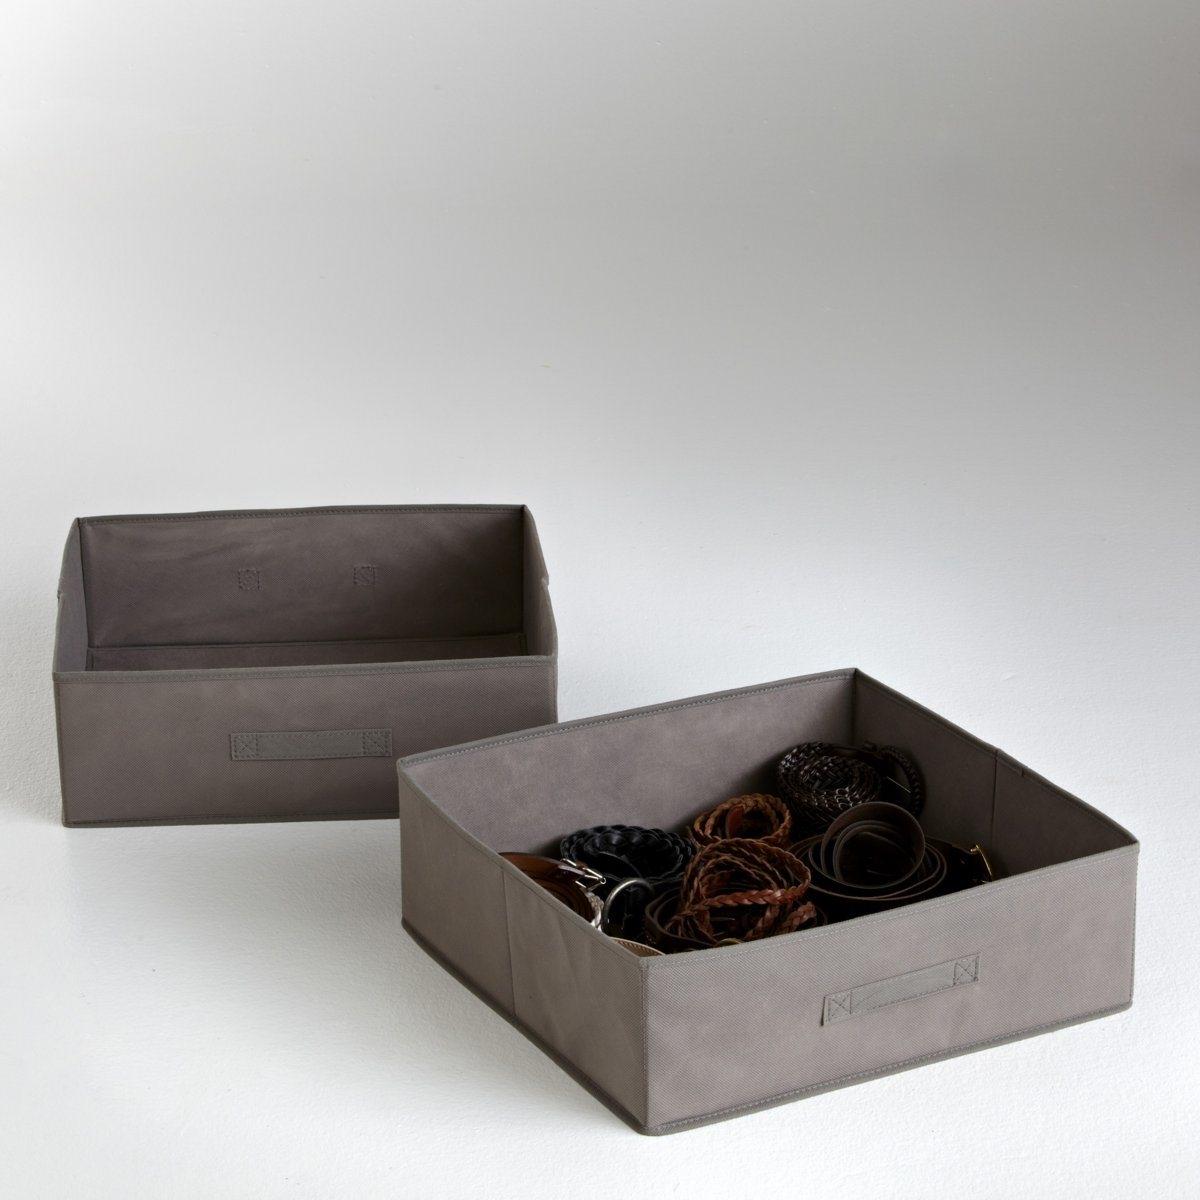 2 ящика складныхКрасивое и оригинальное решением для хранения вещей. Складной ящик из нетканого материала. Картонная основа. Размер: 45 х 15 х 45 см.<br><br>Цвет: антрацит,серо-коричневый